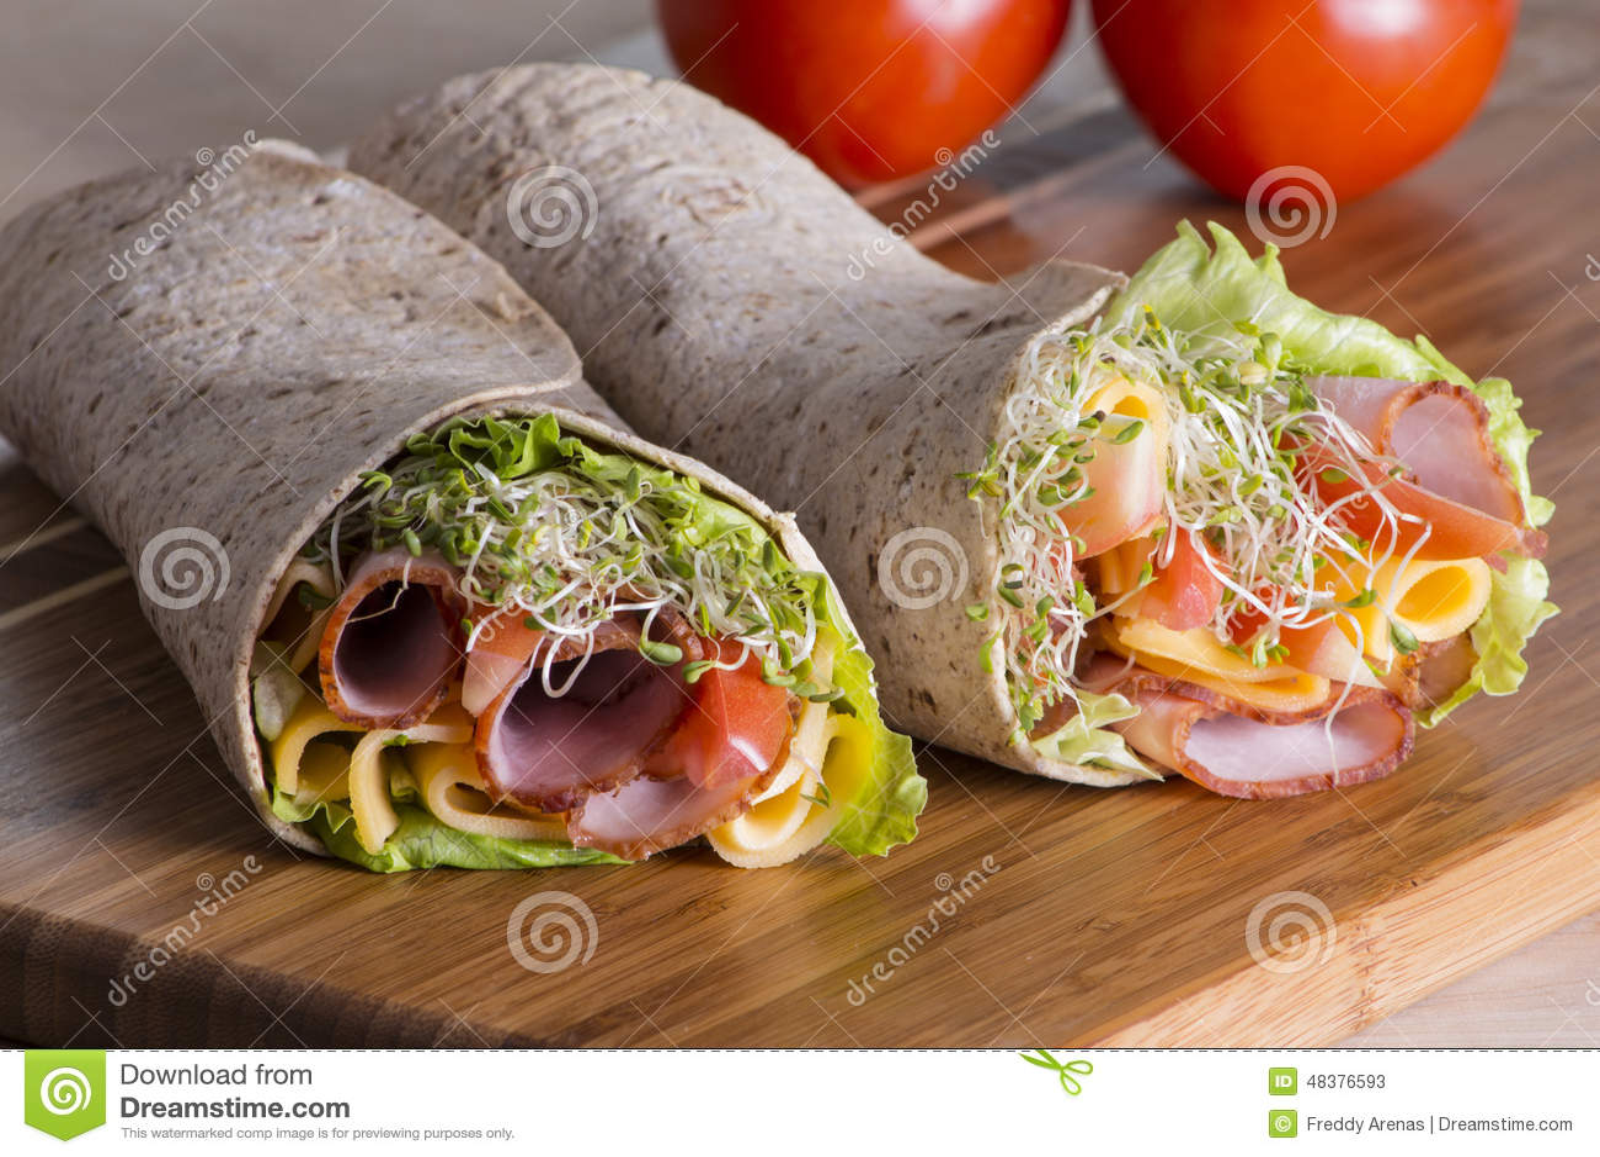 how to make tortilla sandwich rolls